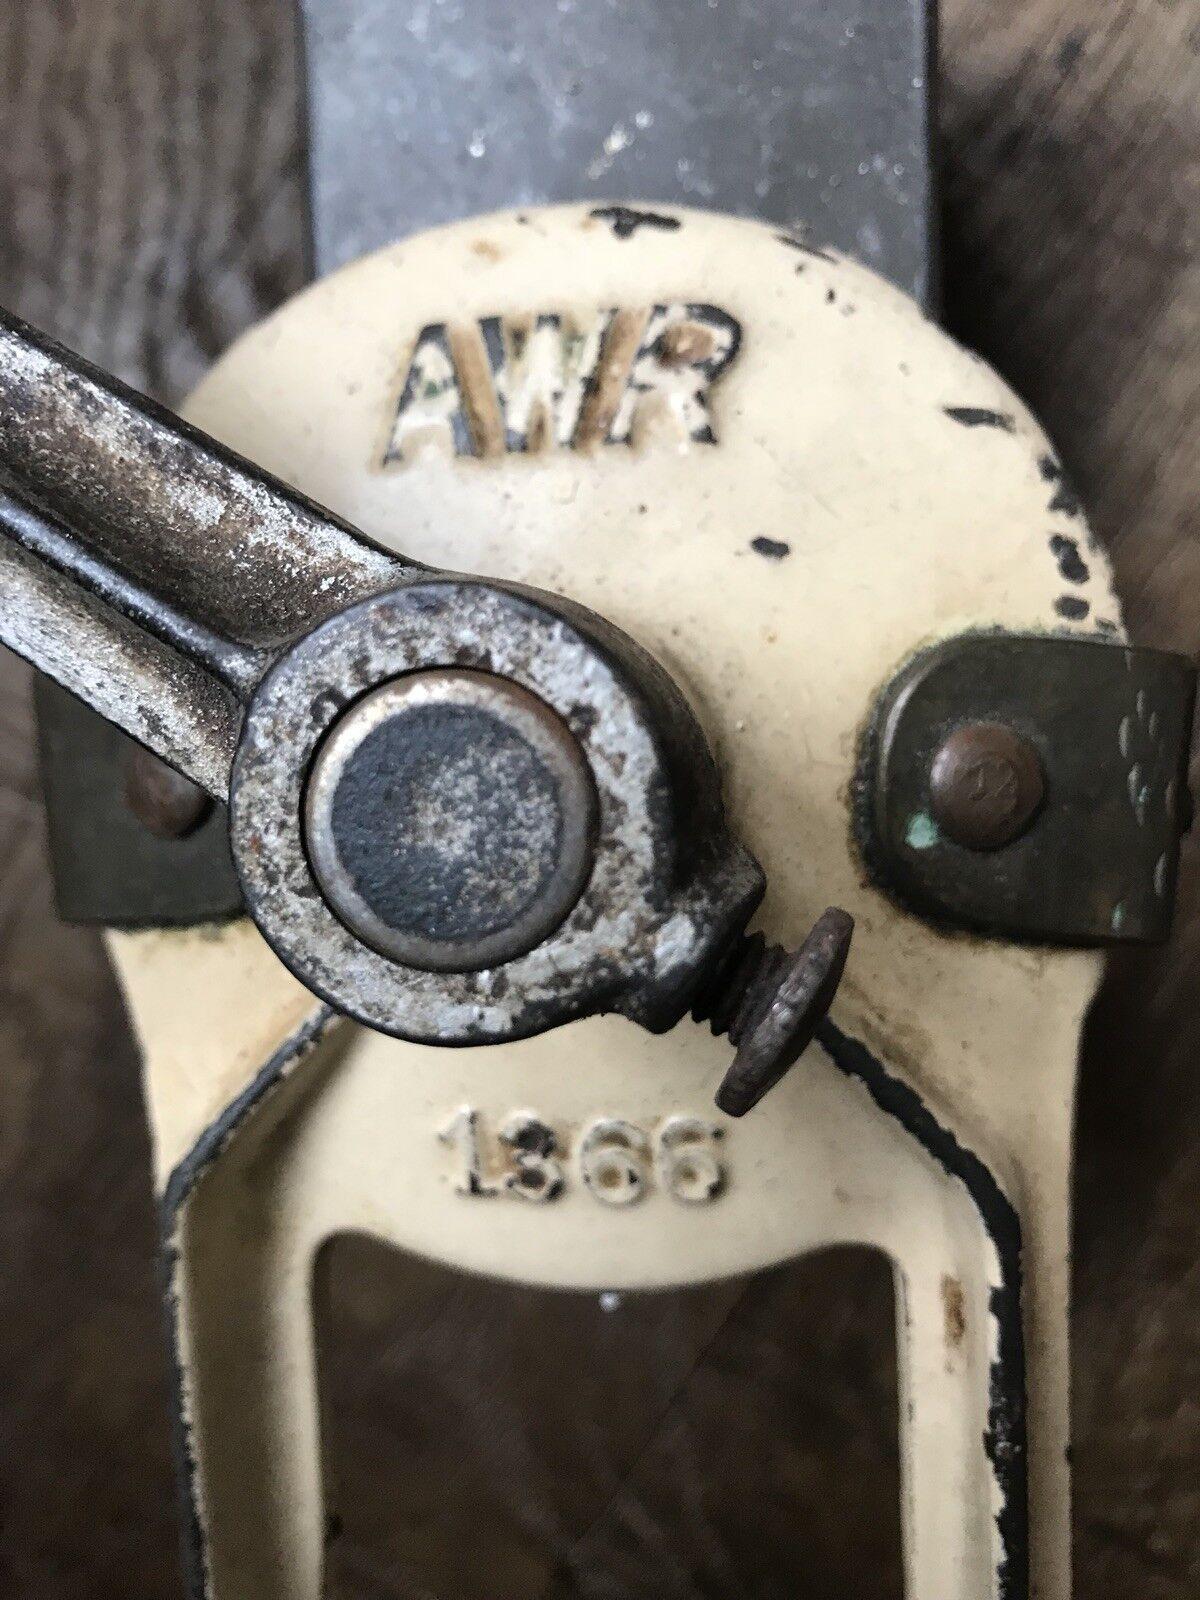 Mühle Gewürzmühle AWR 1366 Spice Mill Mill Mill Quern Germany | Hochwertige Produkte  013751